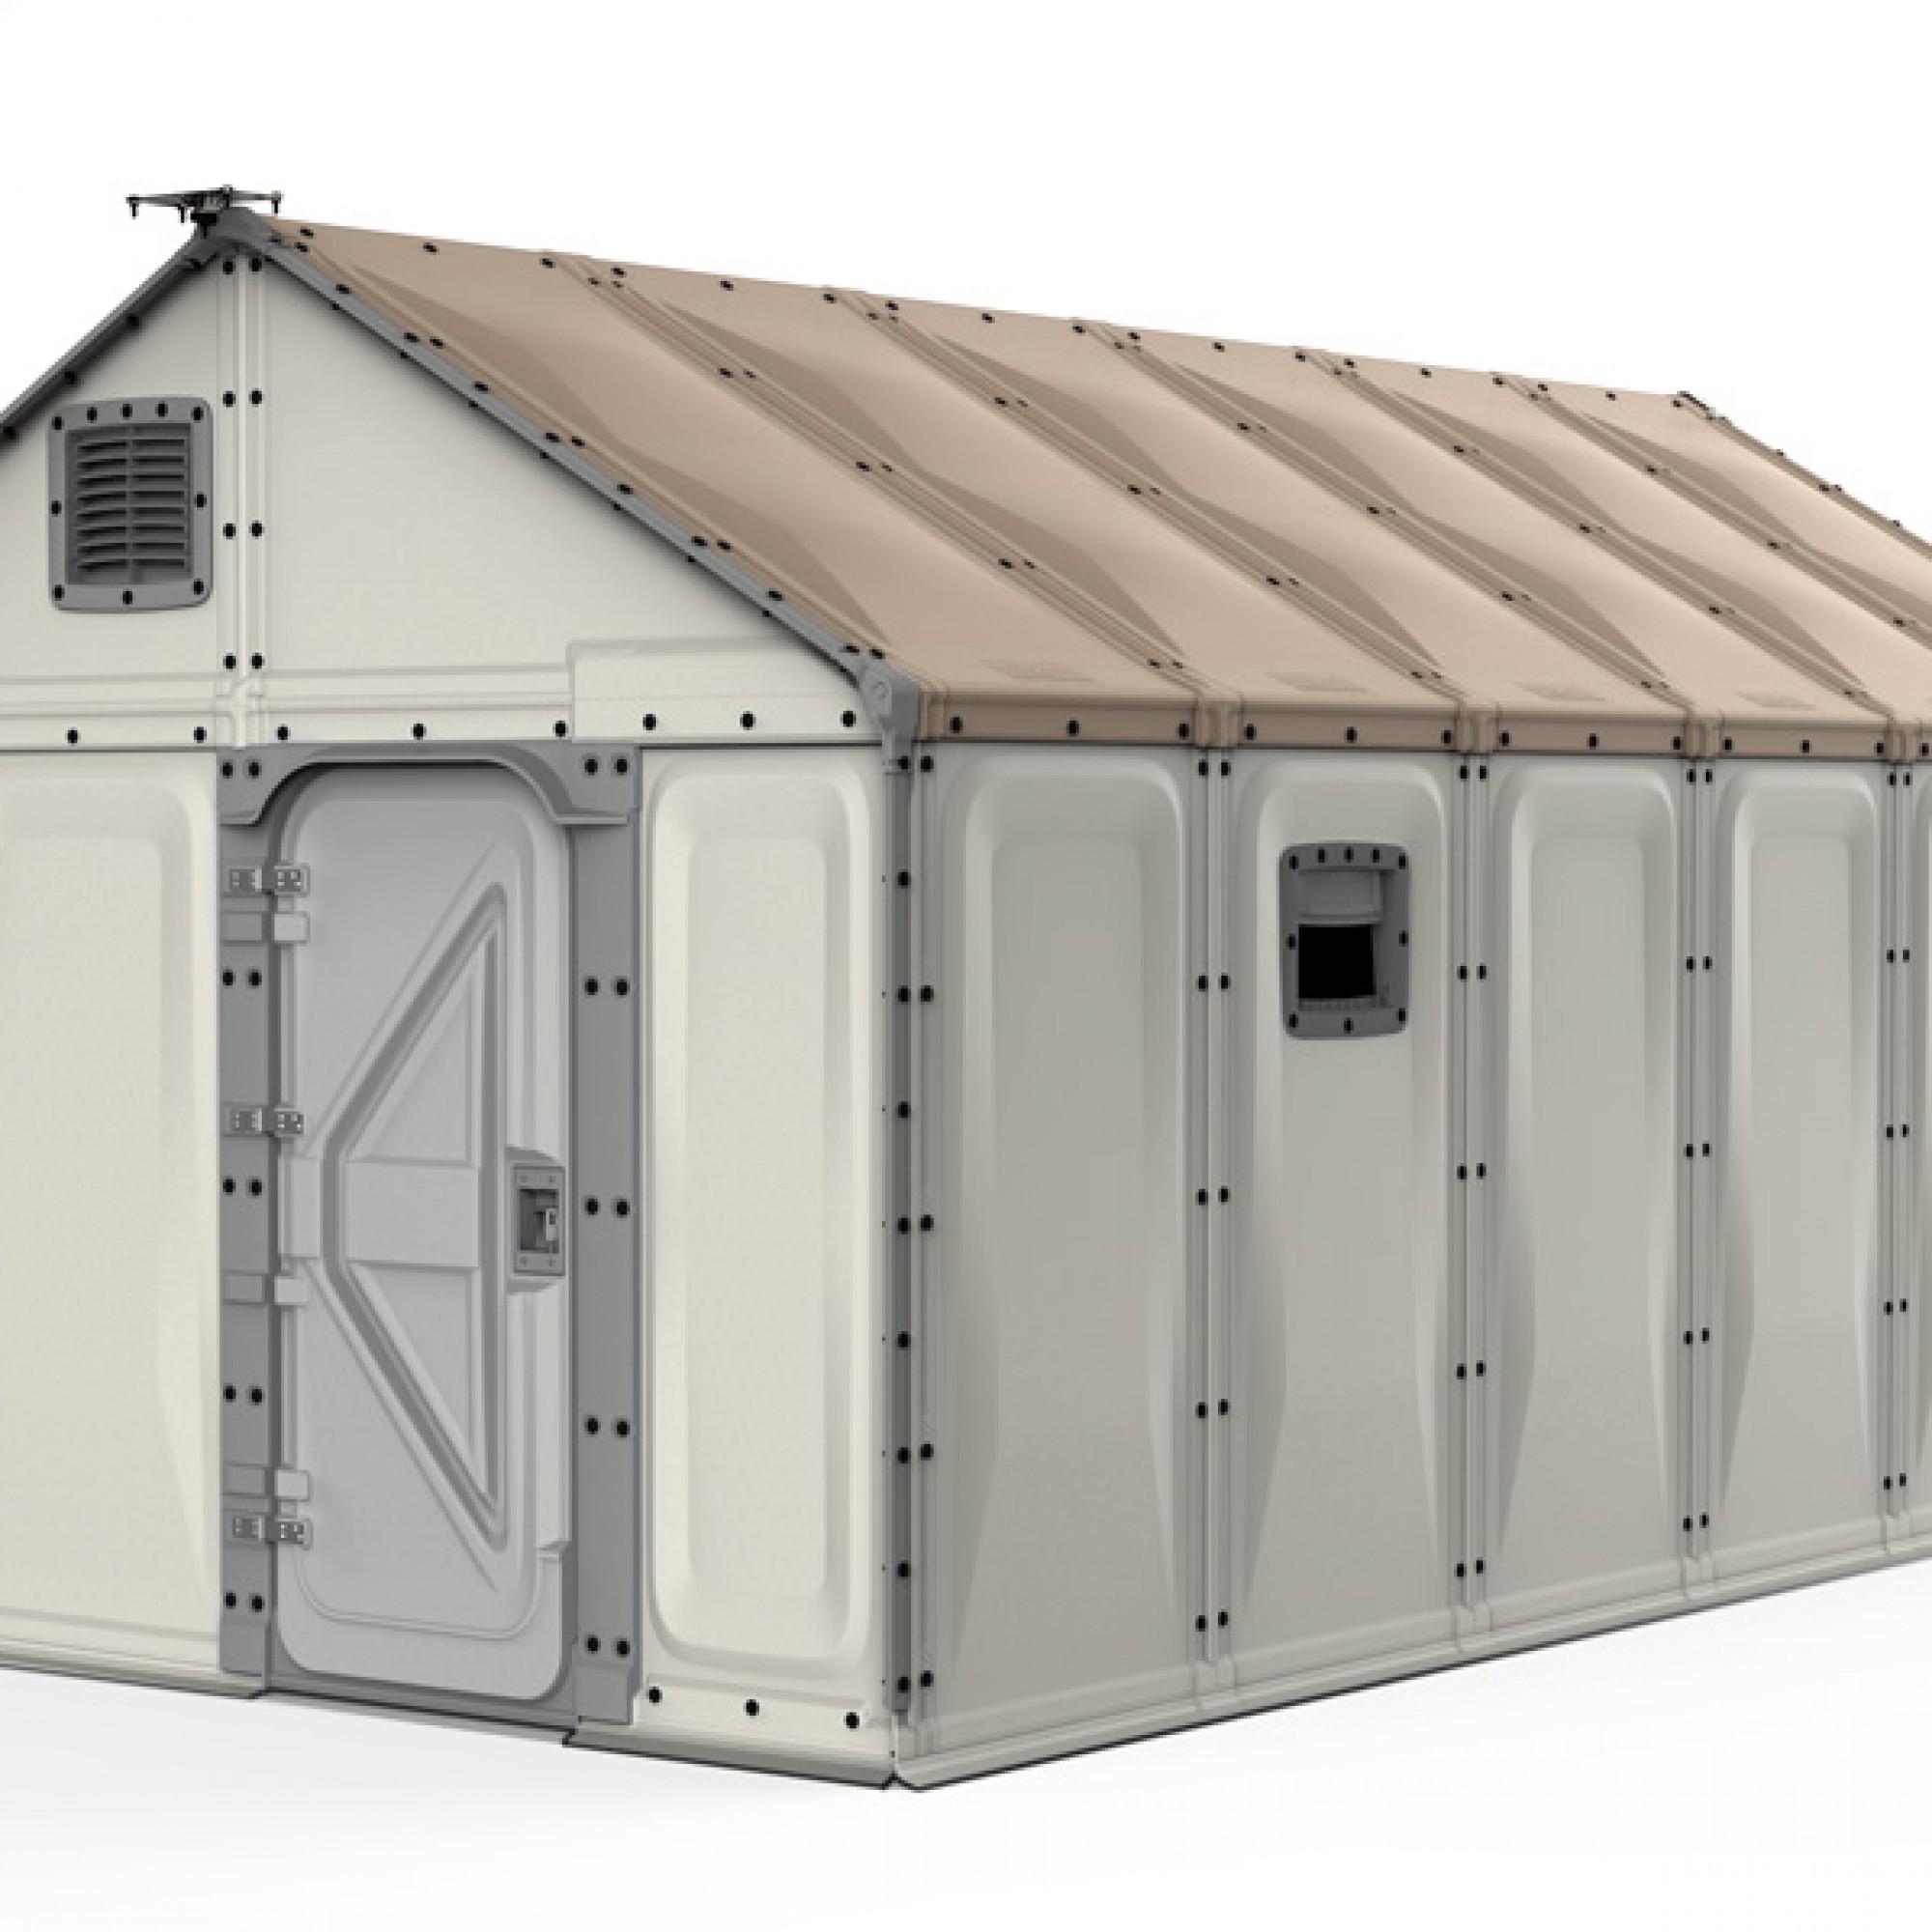 Für Strom sorgt ein Solarpanel, das auf dem Dach installiert wird. (bettershelter.org)